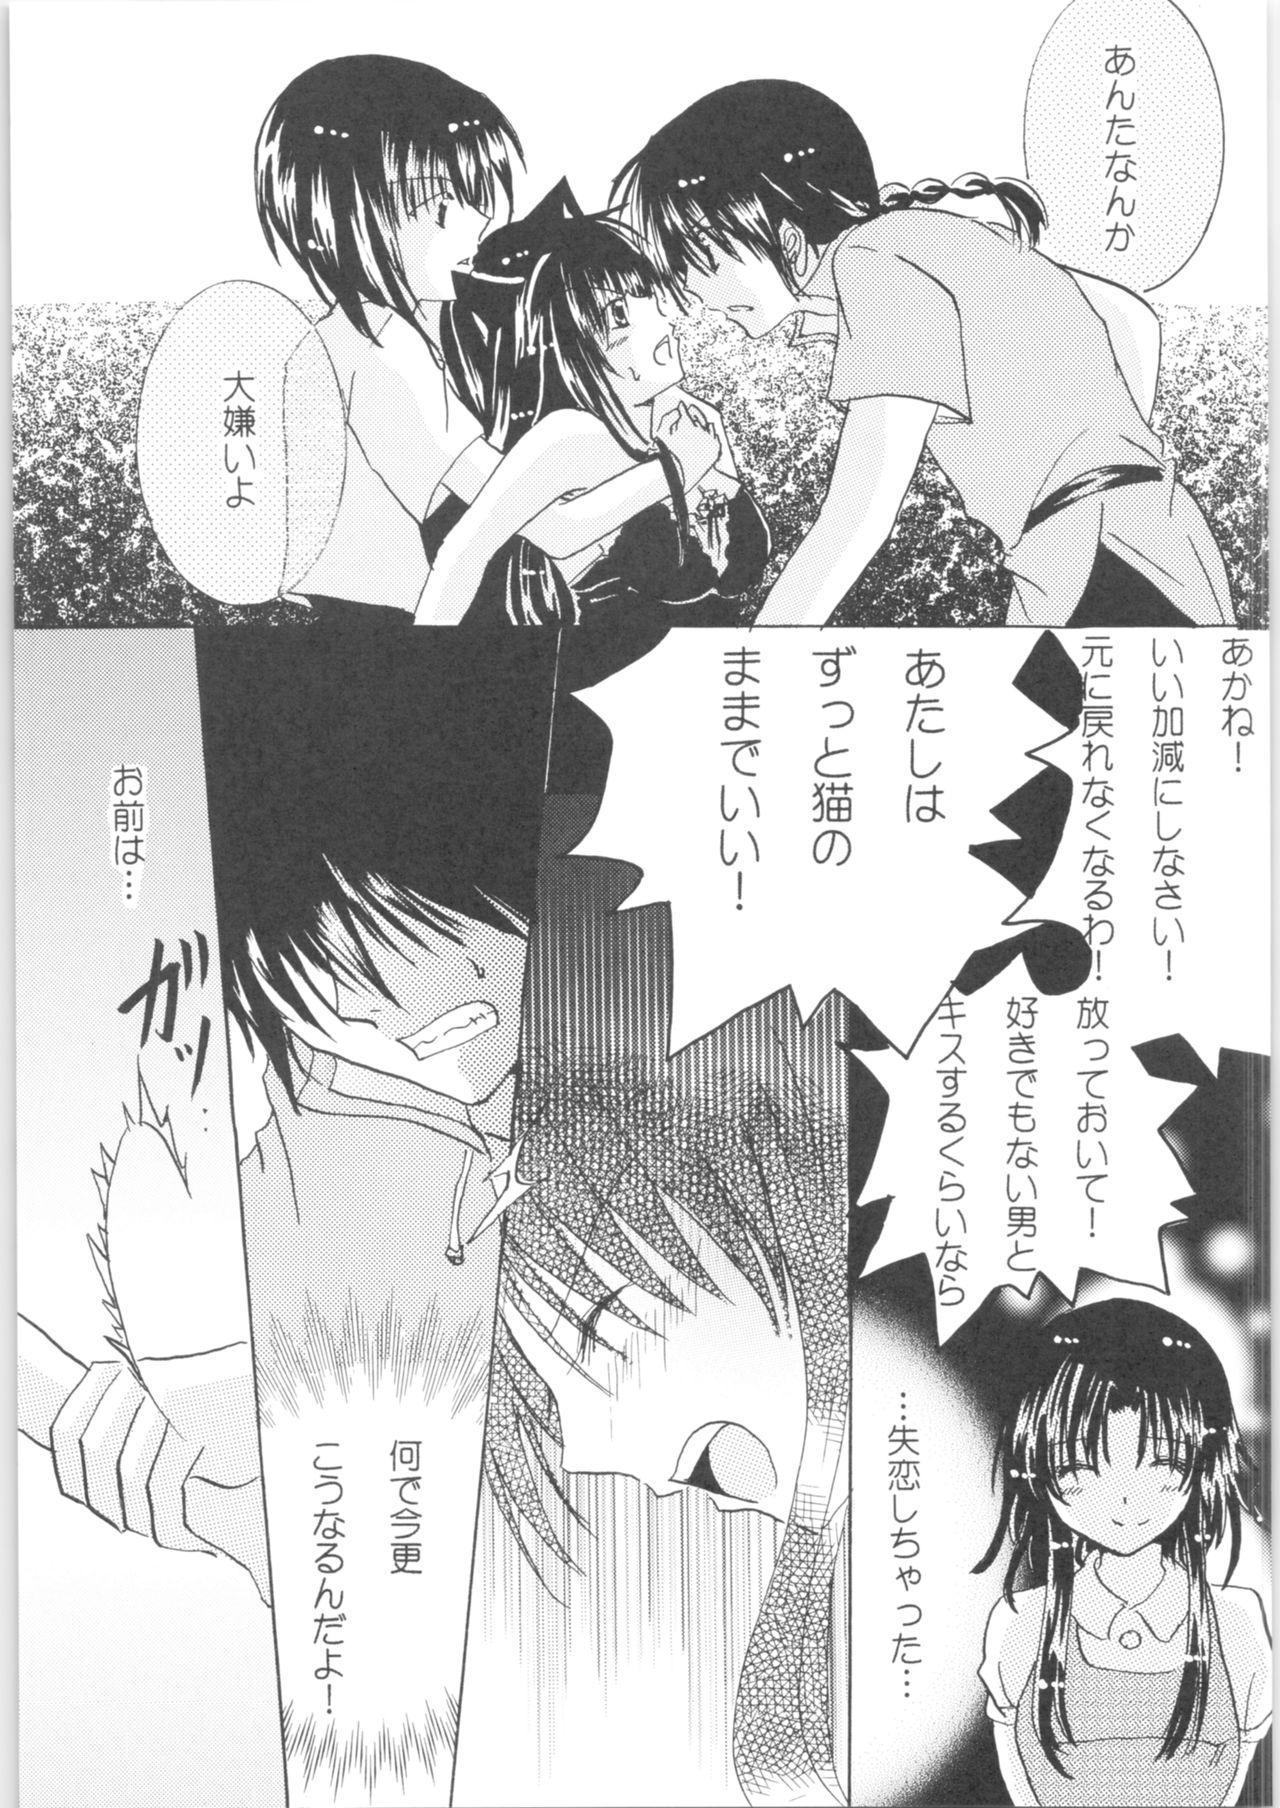 Iinazuke ga Neko ni Narimashite. 9